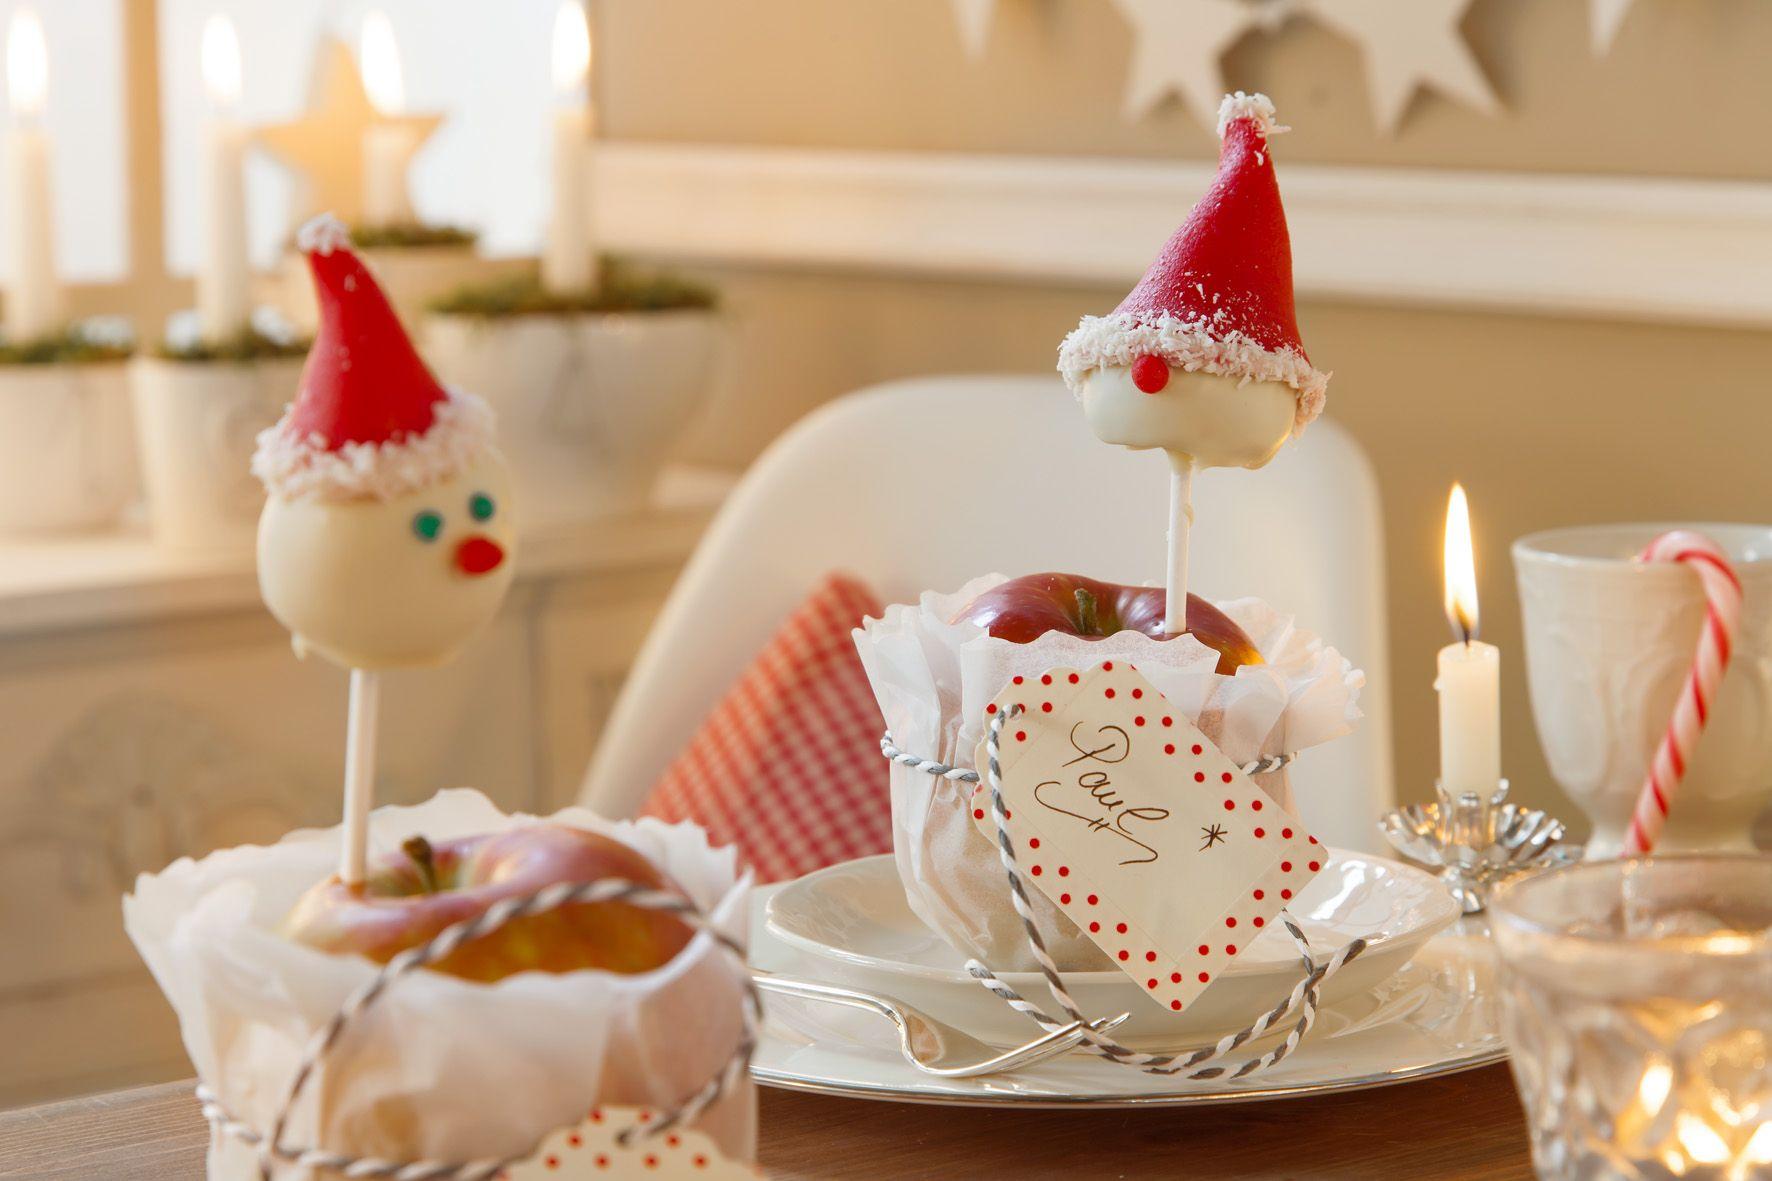 Adventskaffee in rot & weiß - wie gemütlich! | Kuchen, Christmas ...